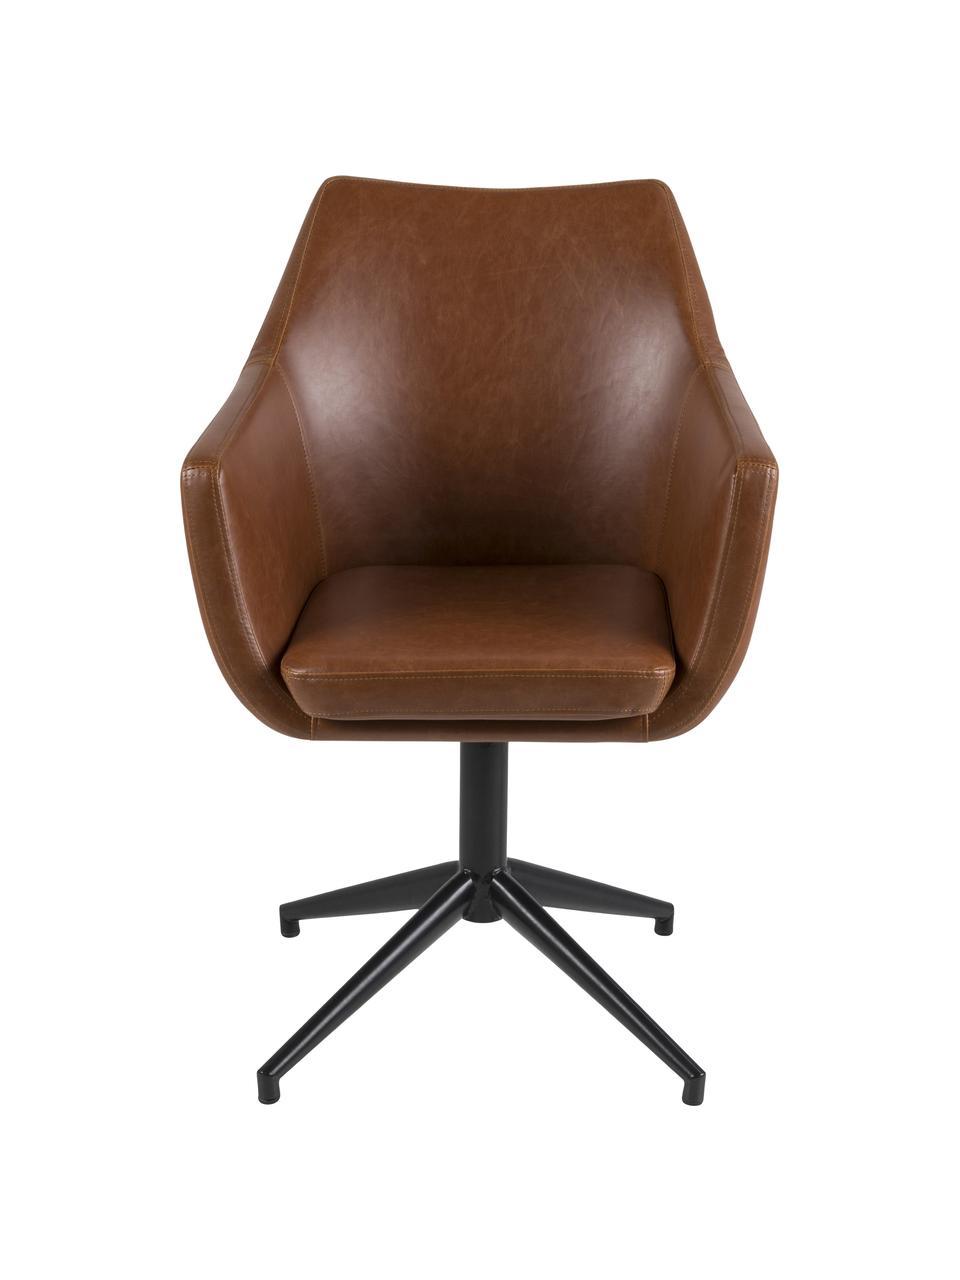 Krzesło obrotowe ze sztucznej skóry Nora, Tapicerka: sztuczna skóra (poliureta, Stelaż: metal malowany proszkowo, Koniakowy, czarny, S 58 x G 57 cm